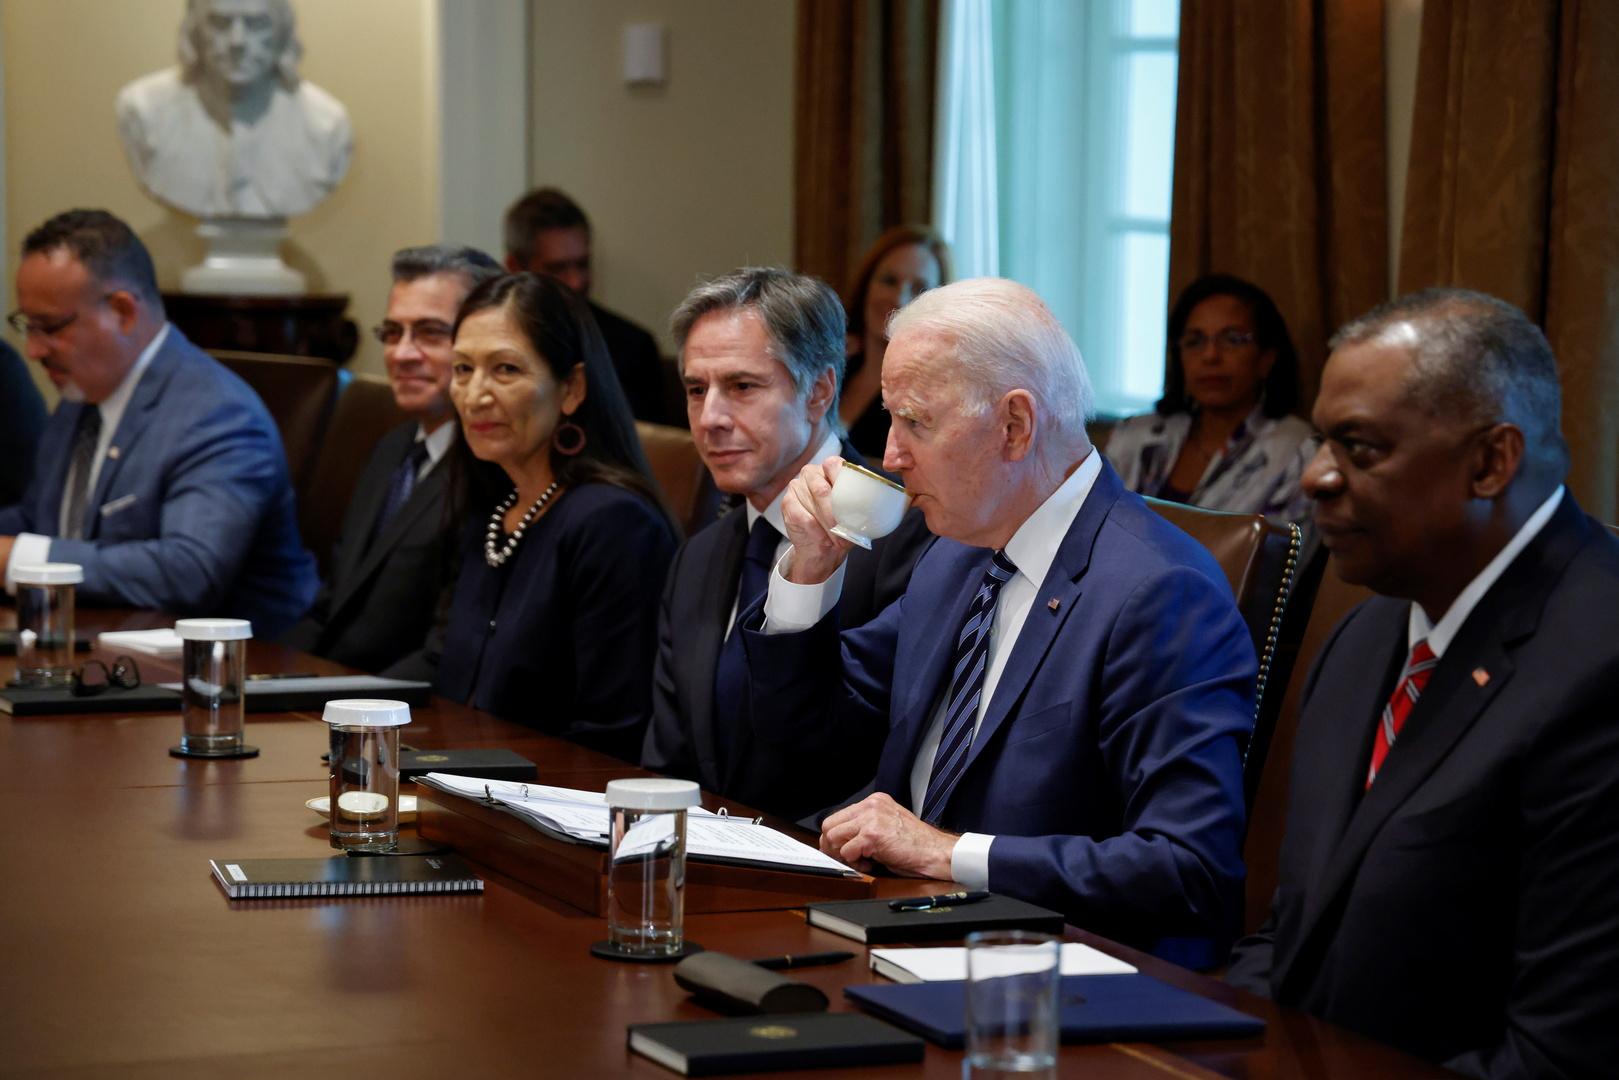 تقرير: لجنة العمل السياسي برئاسة ترامب لم تستخدم الأموال التي جمعتها لمراجعة نتائج الانتخابات